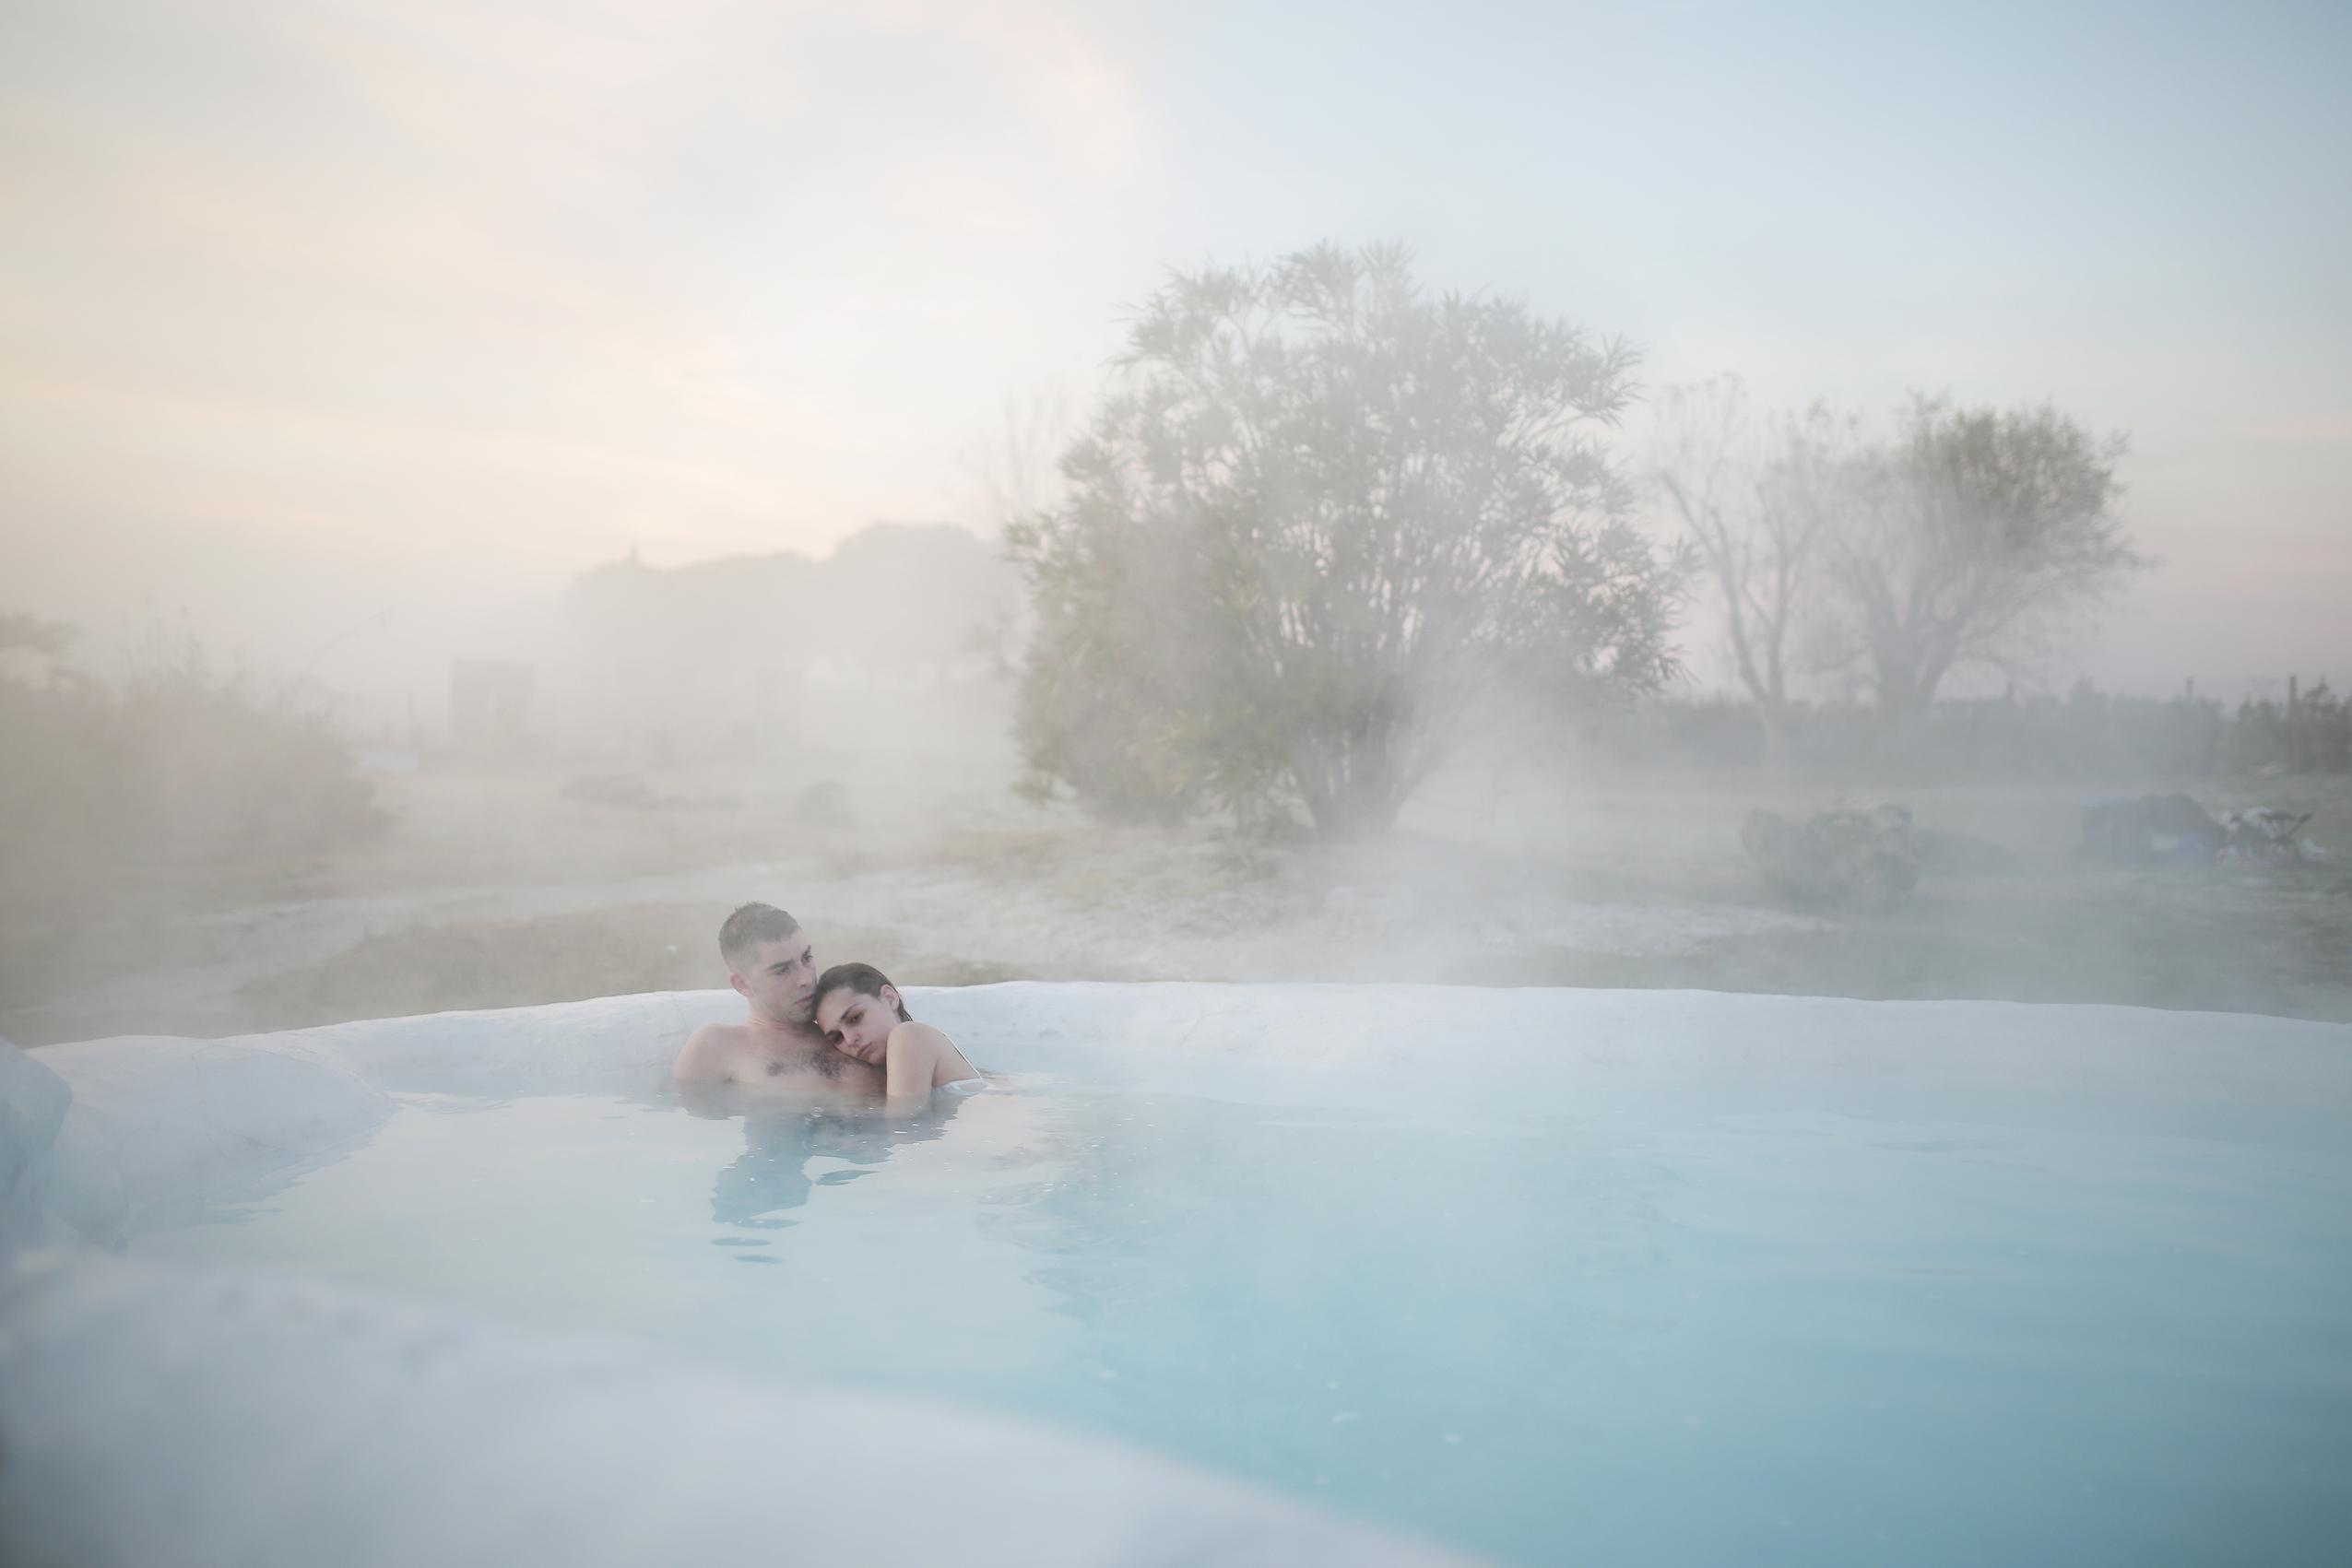 riondino-serraiocco-piscinacnicoletta-branco